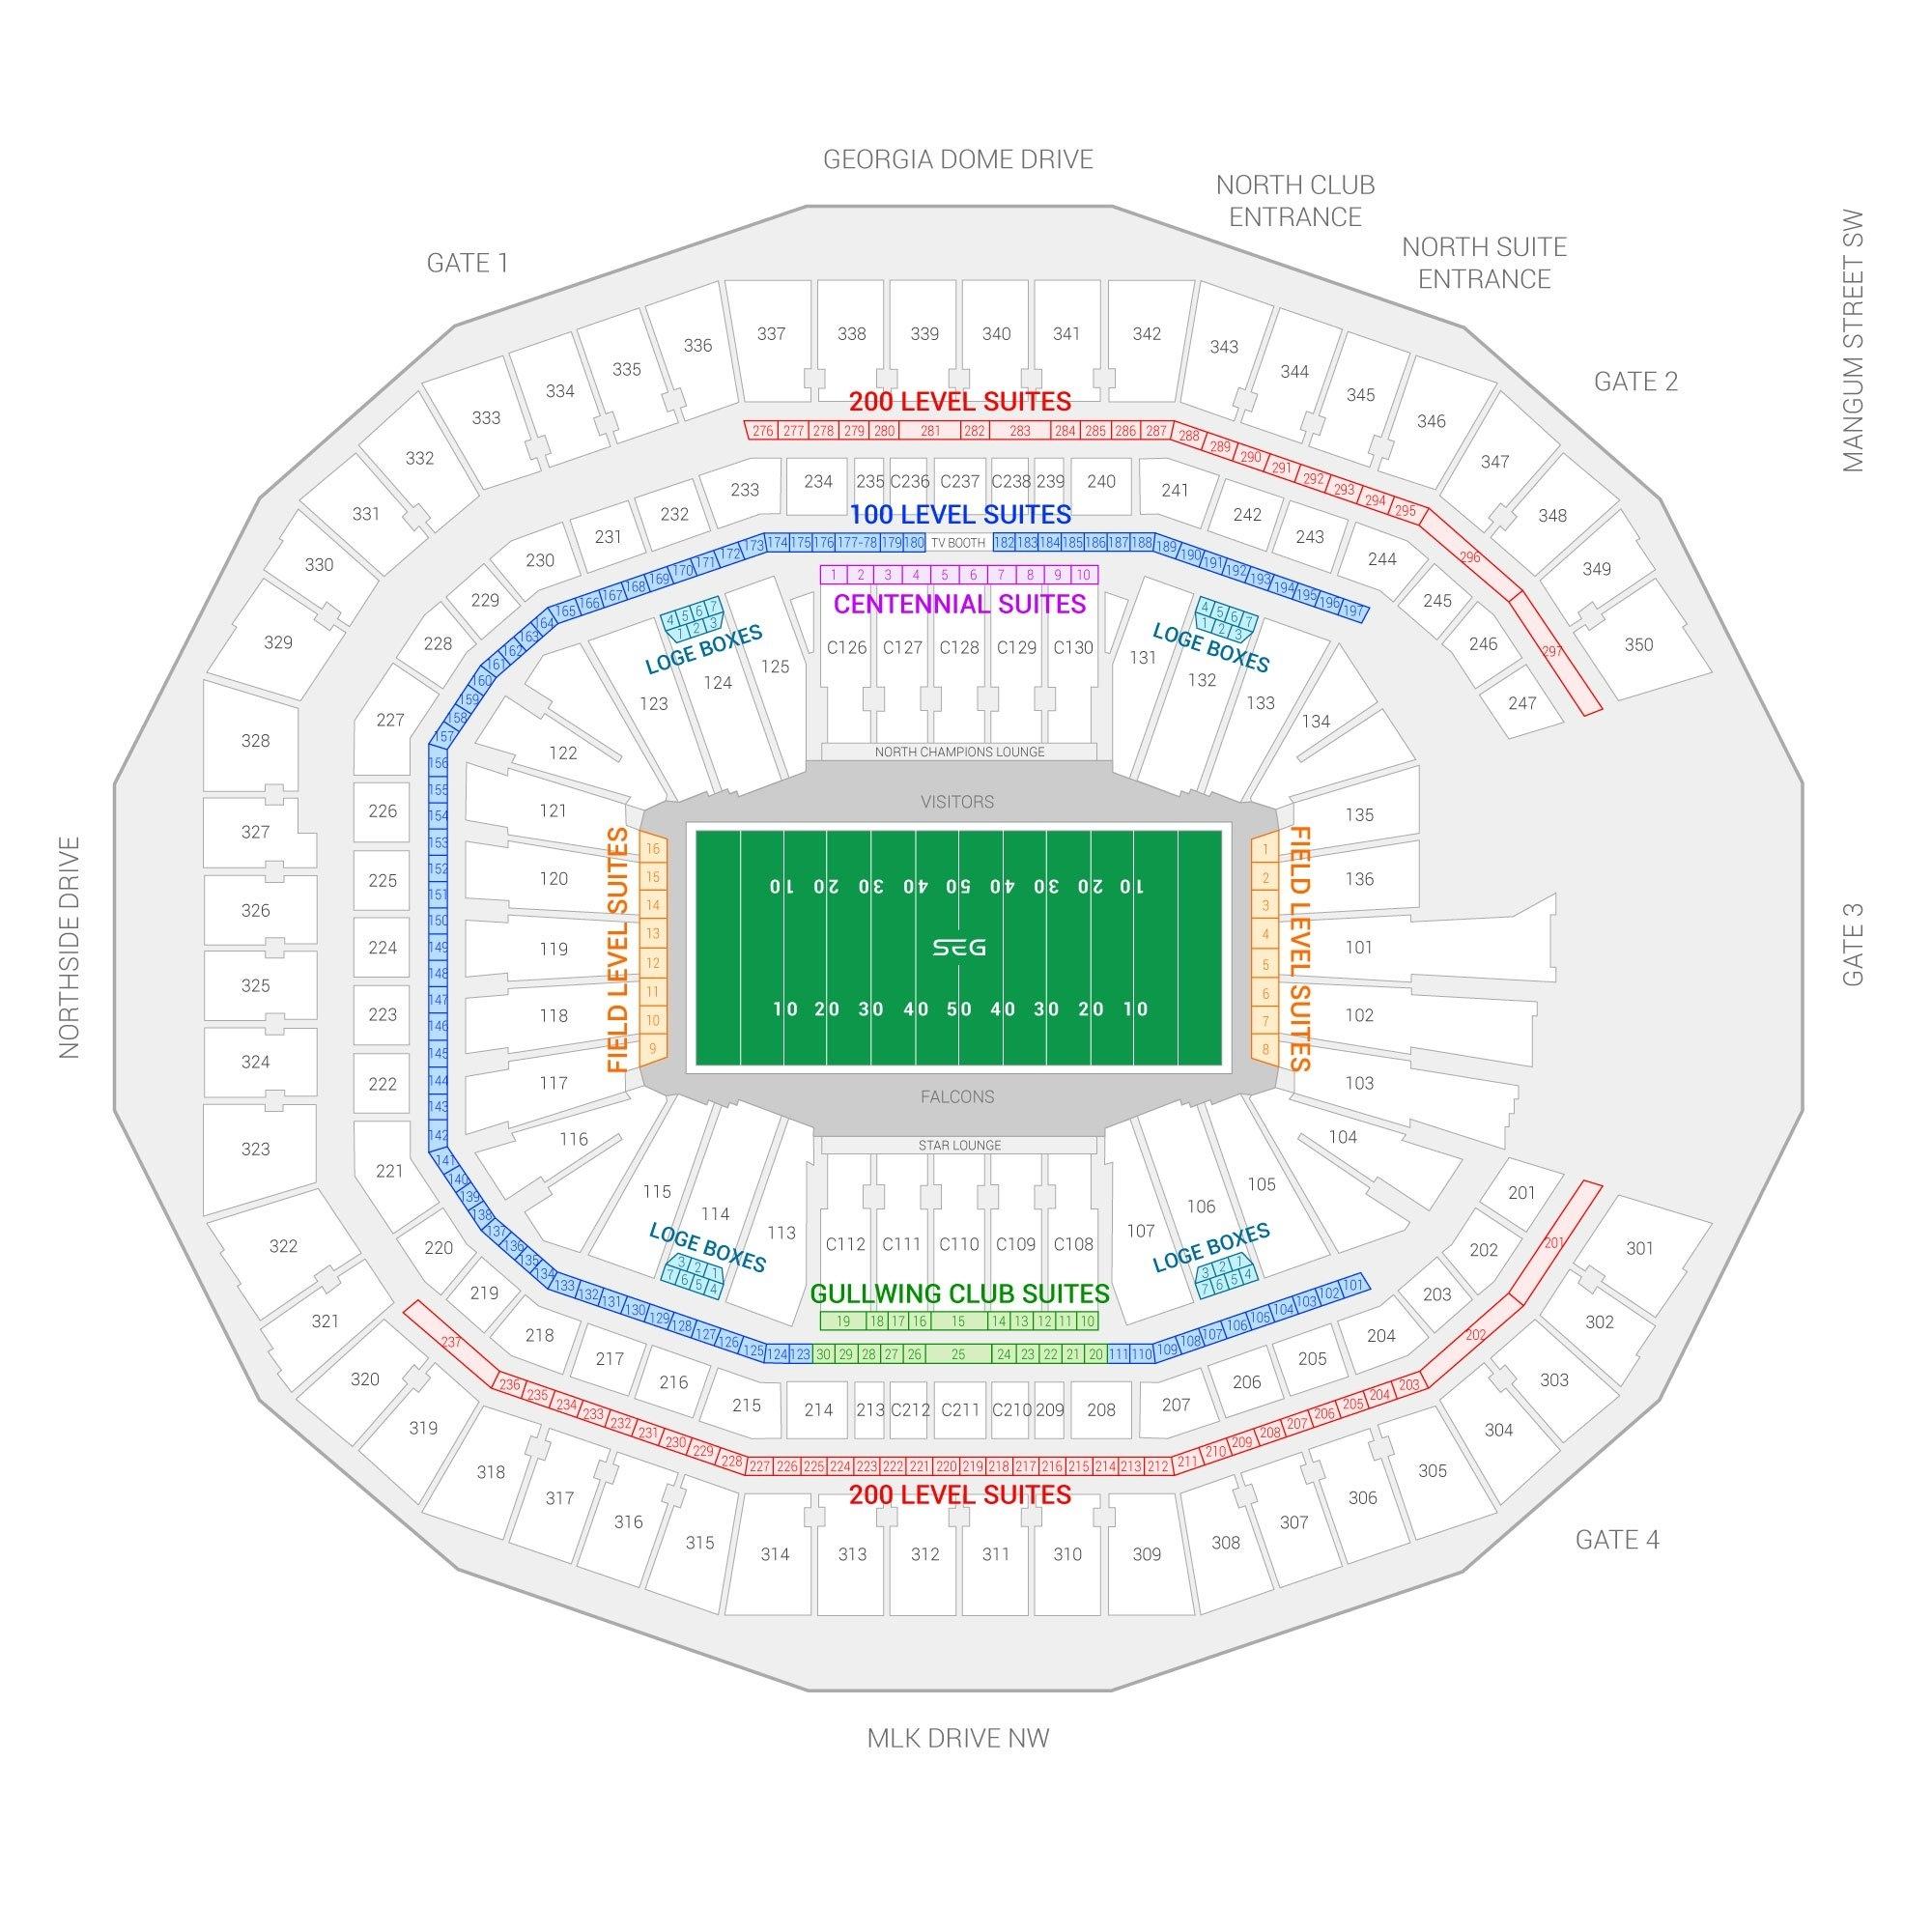 Atlanta Falcons Suite Rentals | Mercedes-Benz Stadium regarding Mercedes Benz Stadium Super Bowl Map